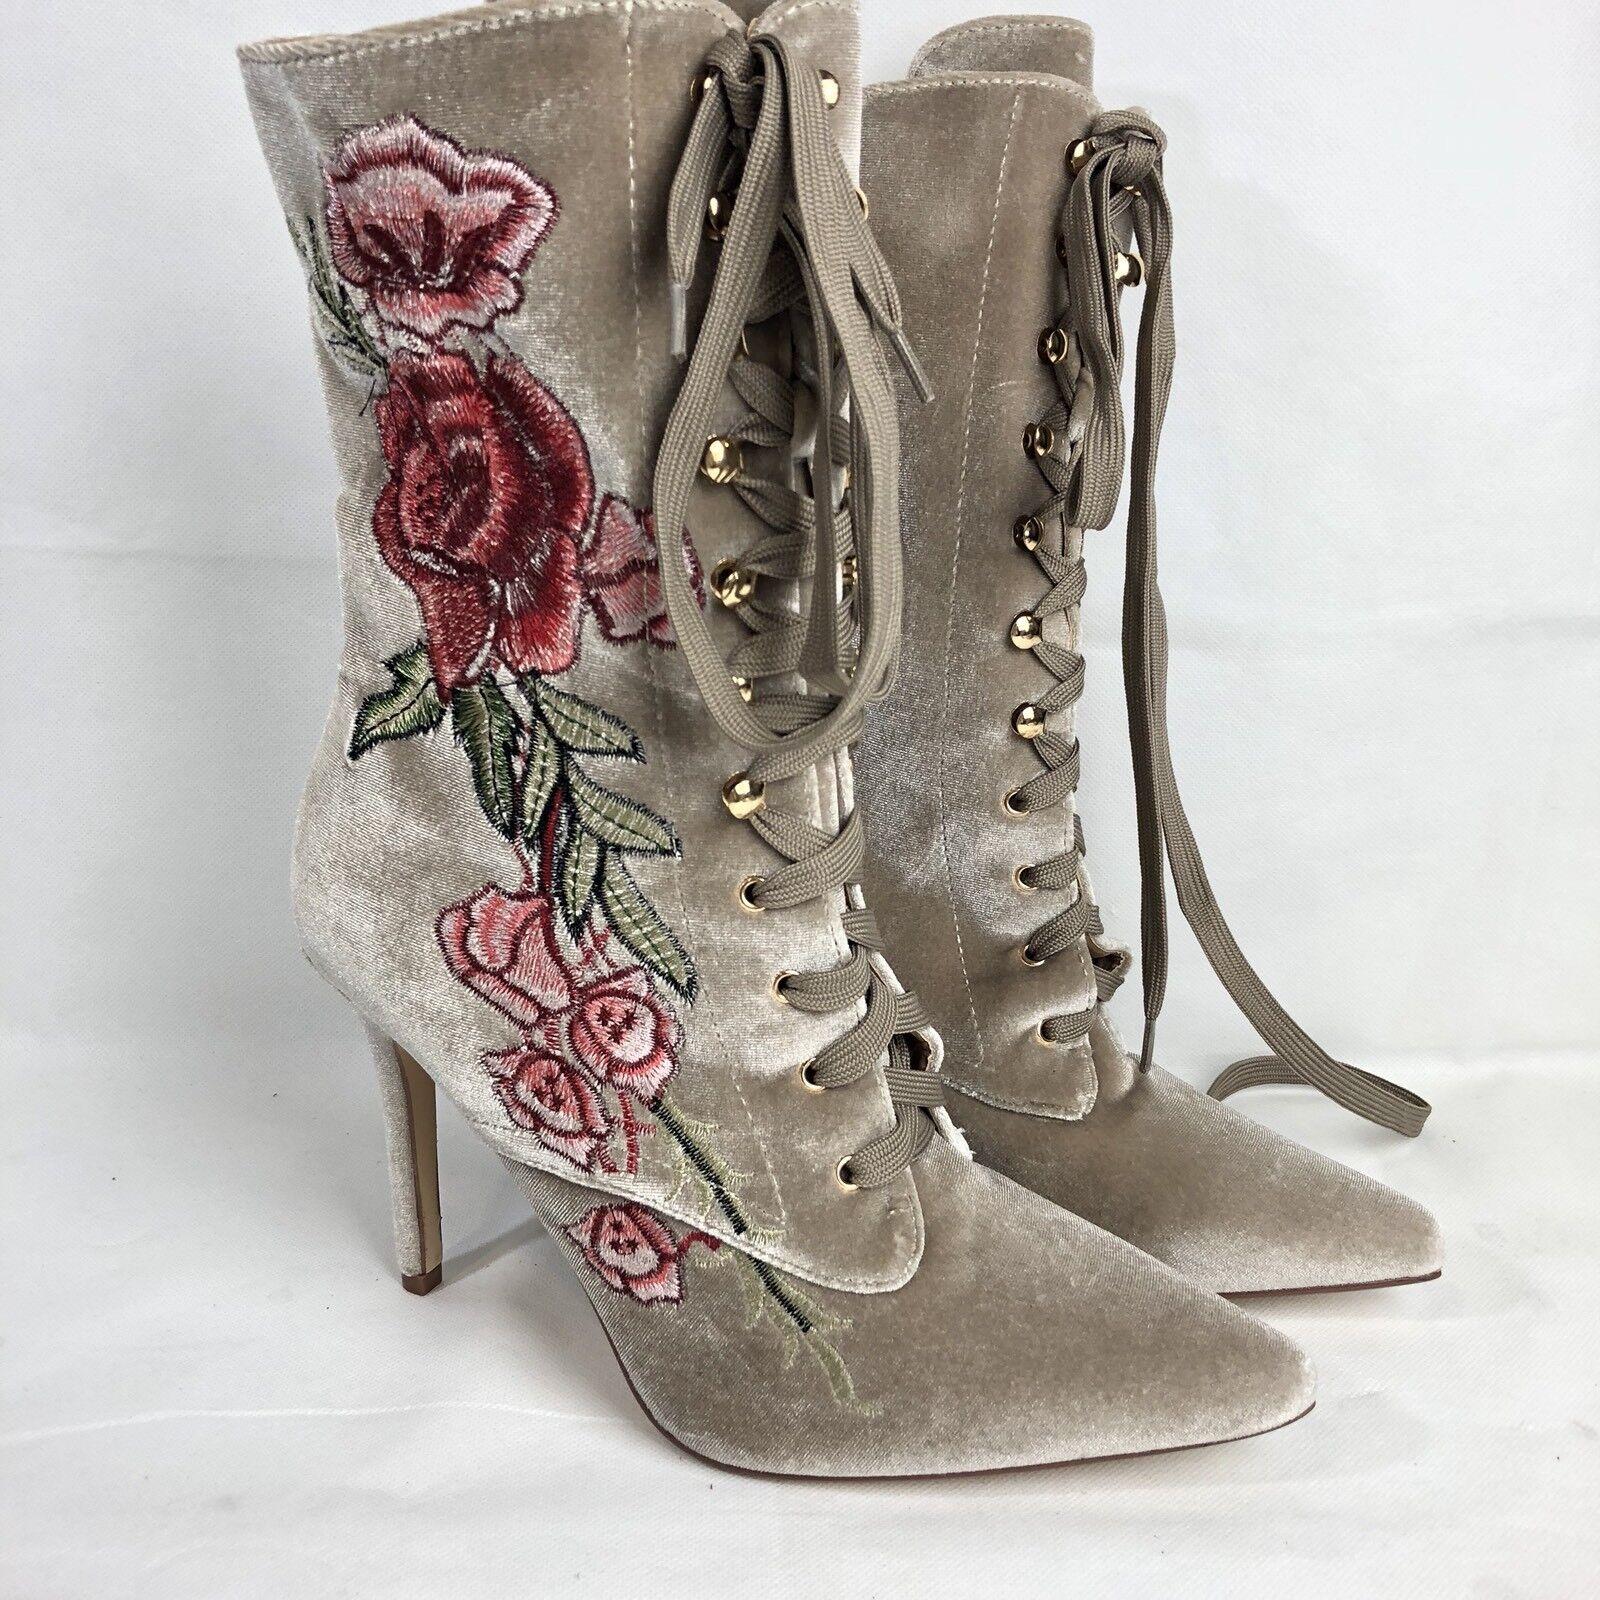 b098579e381cf Cape Robbin Mini 108 Women's Embroidered Lace Up Boot Size 10 Nude ...